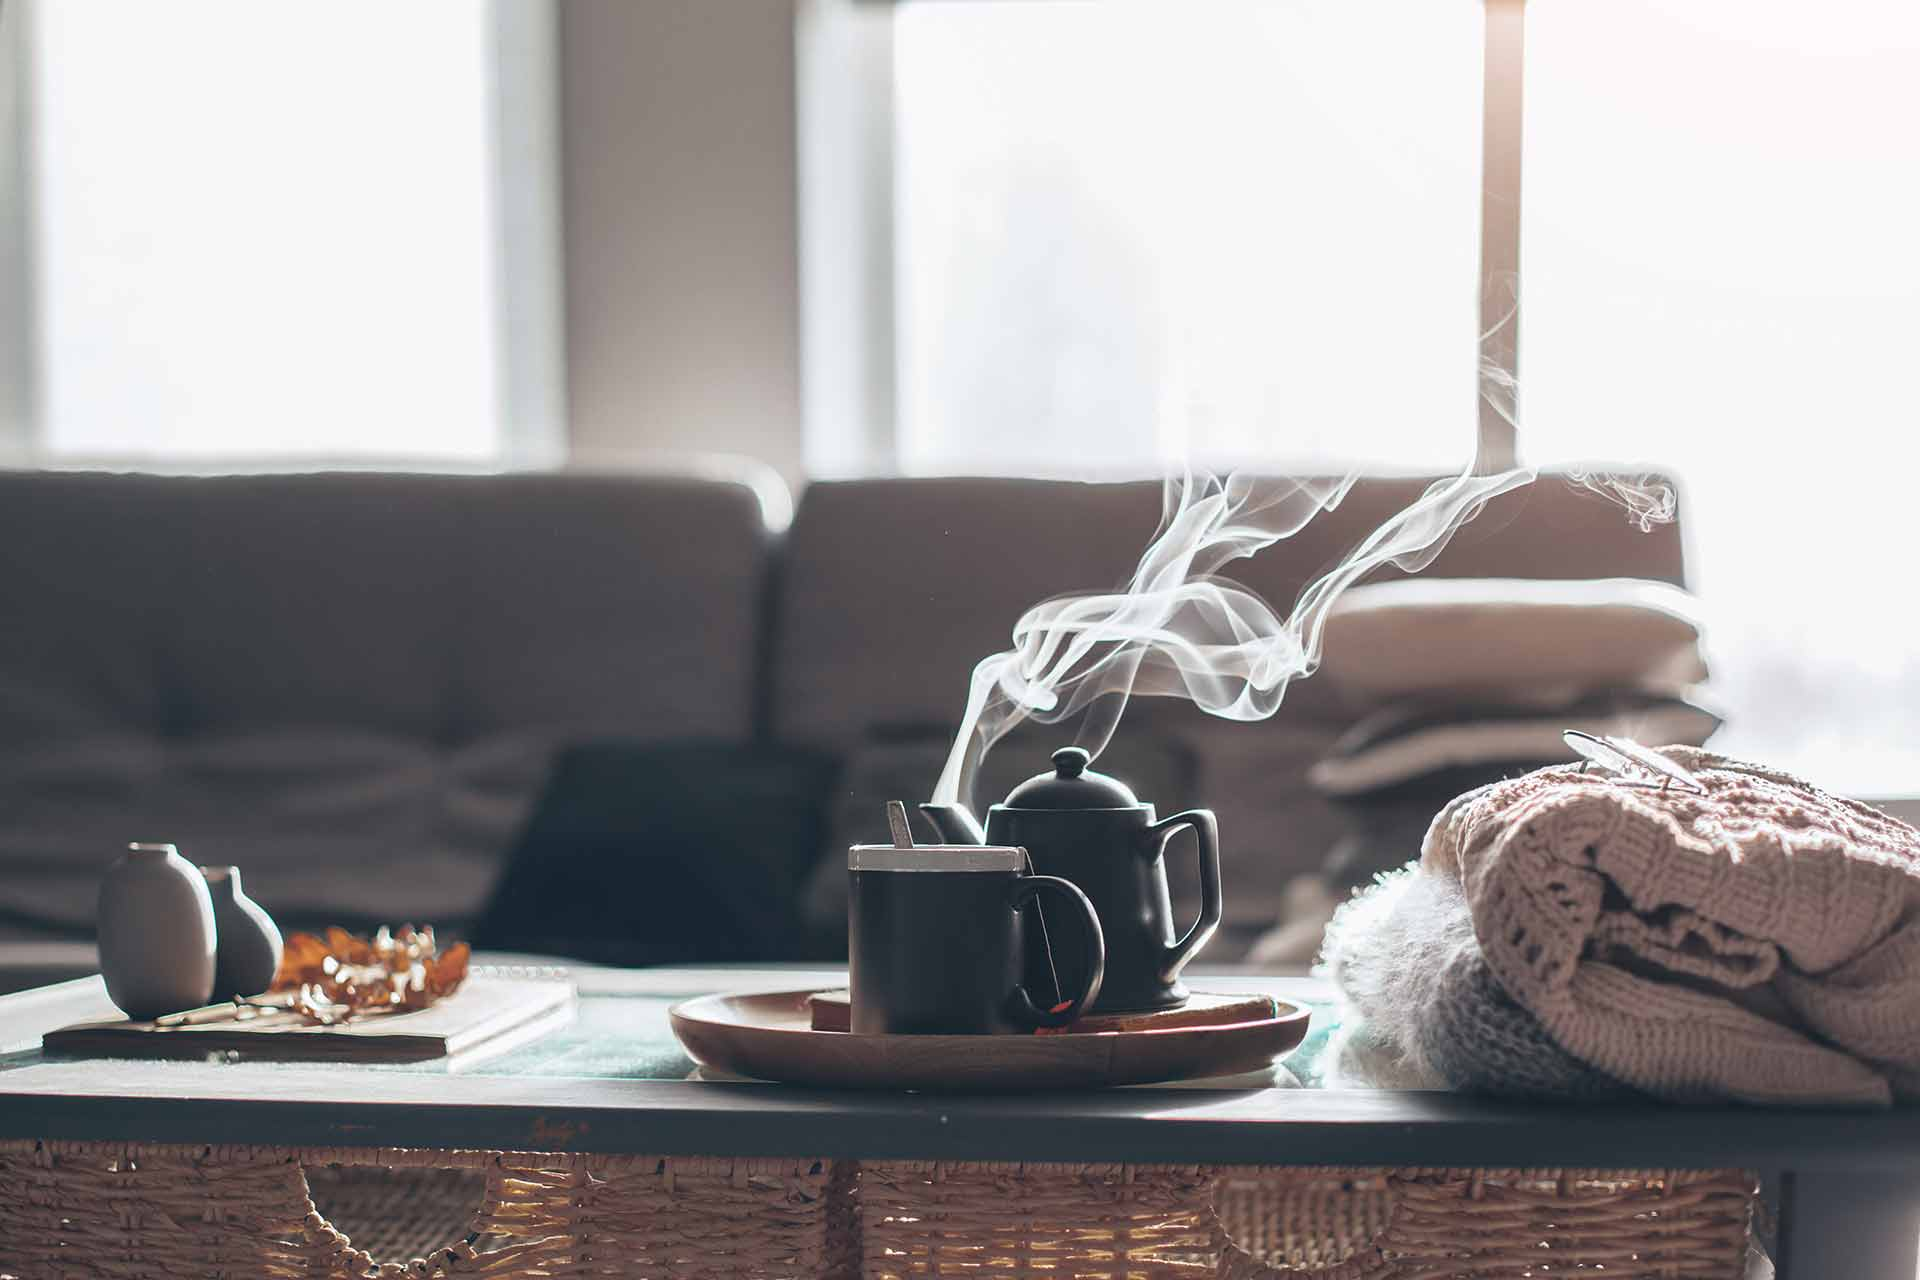 Ceramiczna zastawa na stole oraz dodatki w stylu hygge w salonie w stylu skandynawskim